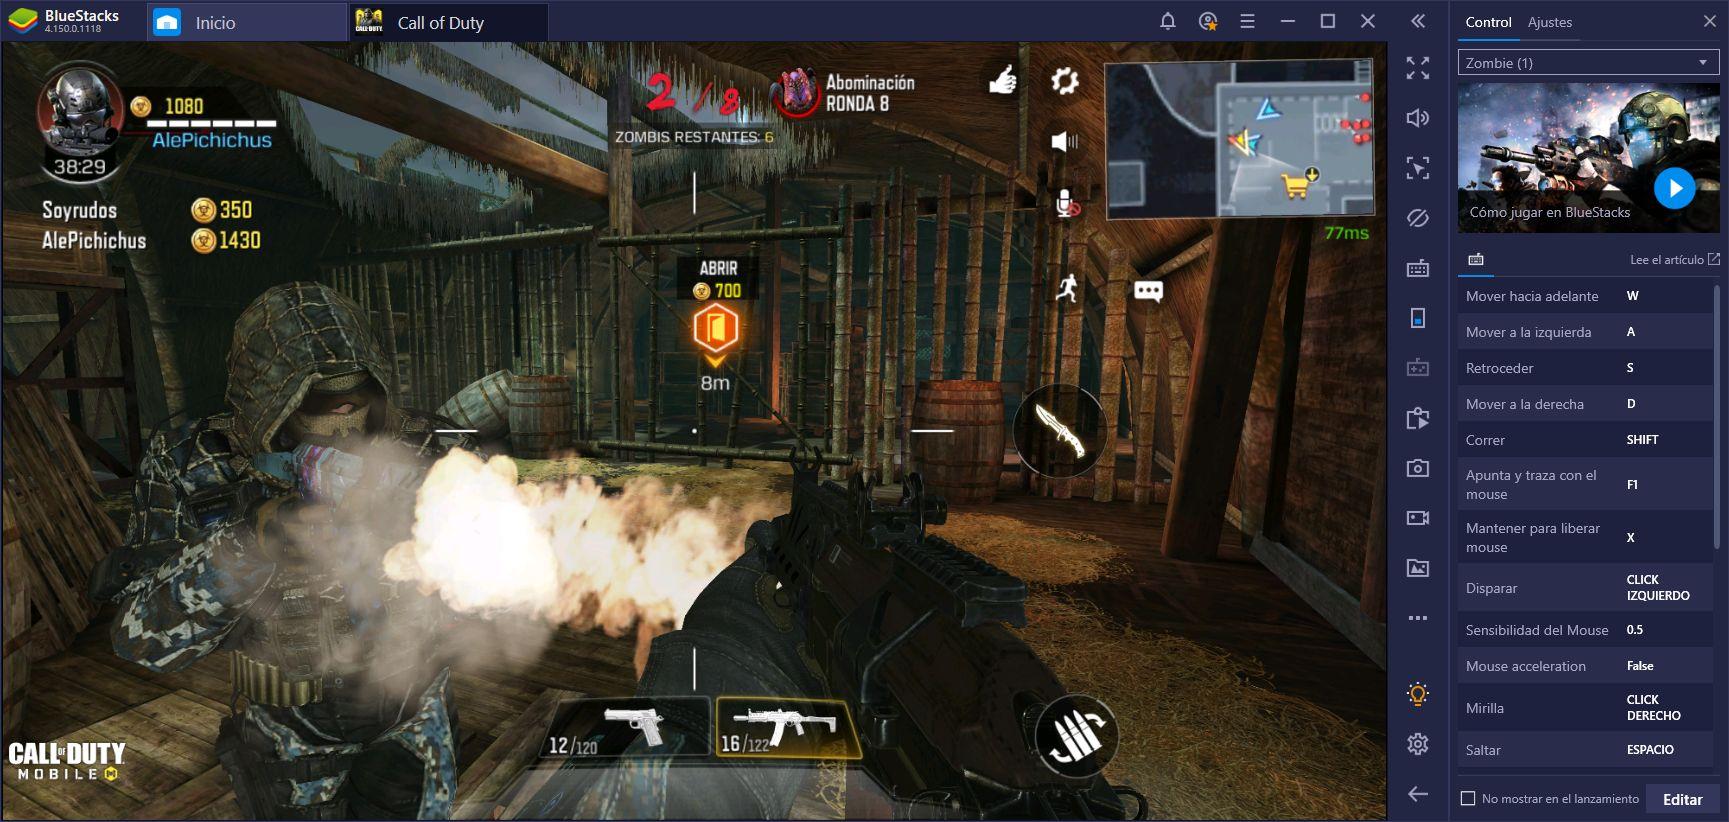 Perfiles de Controles Para Zombis en Call of Duty: Mobile - ¡Tú lo Pediste y Nosotros Cumplimos!